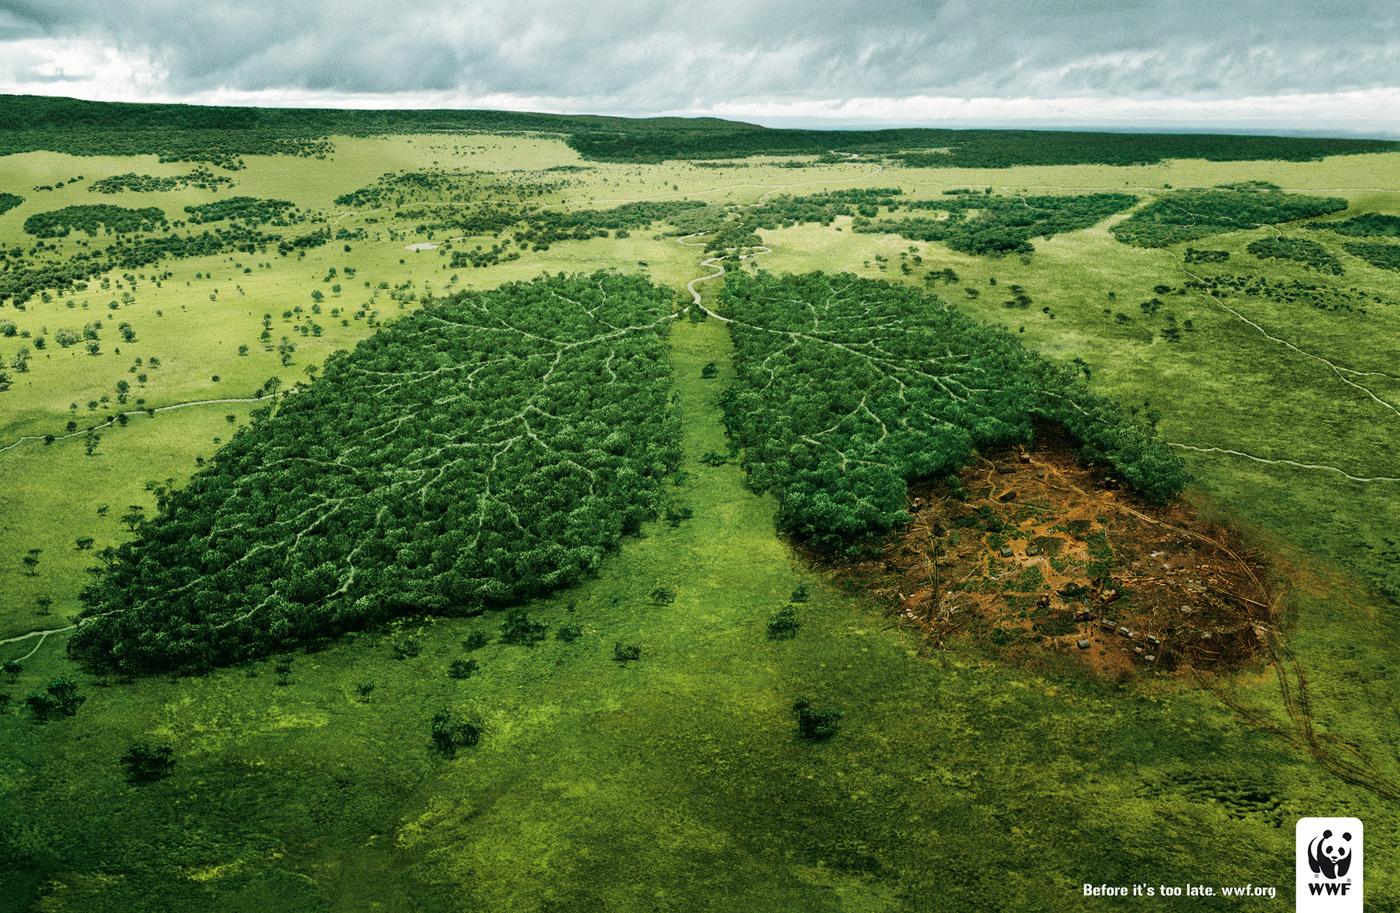 Campaña publicitaria econlogia